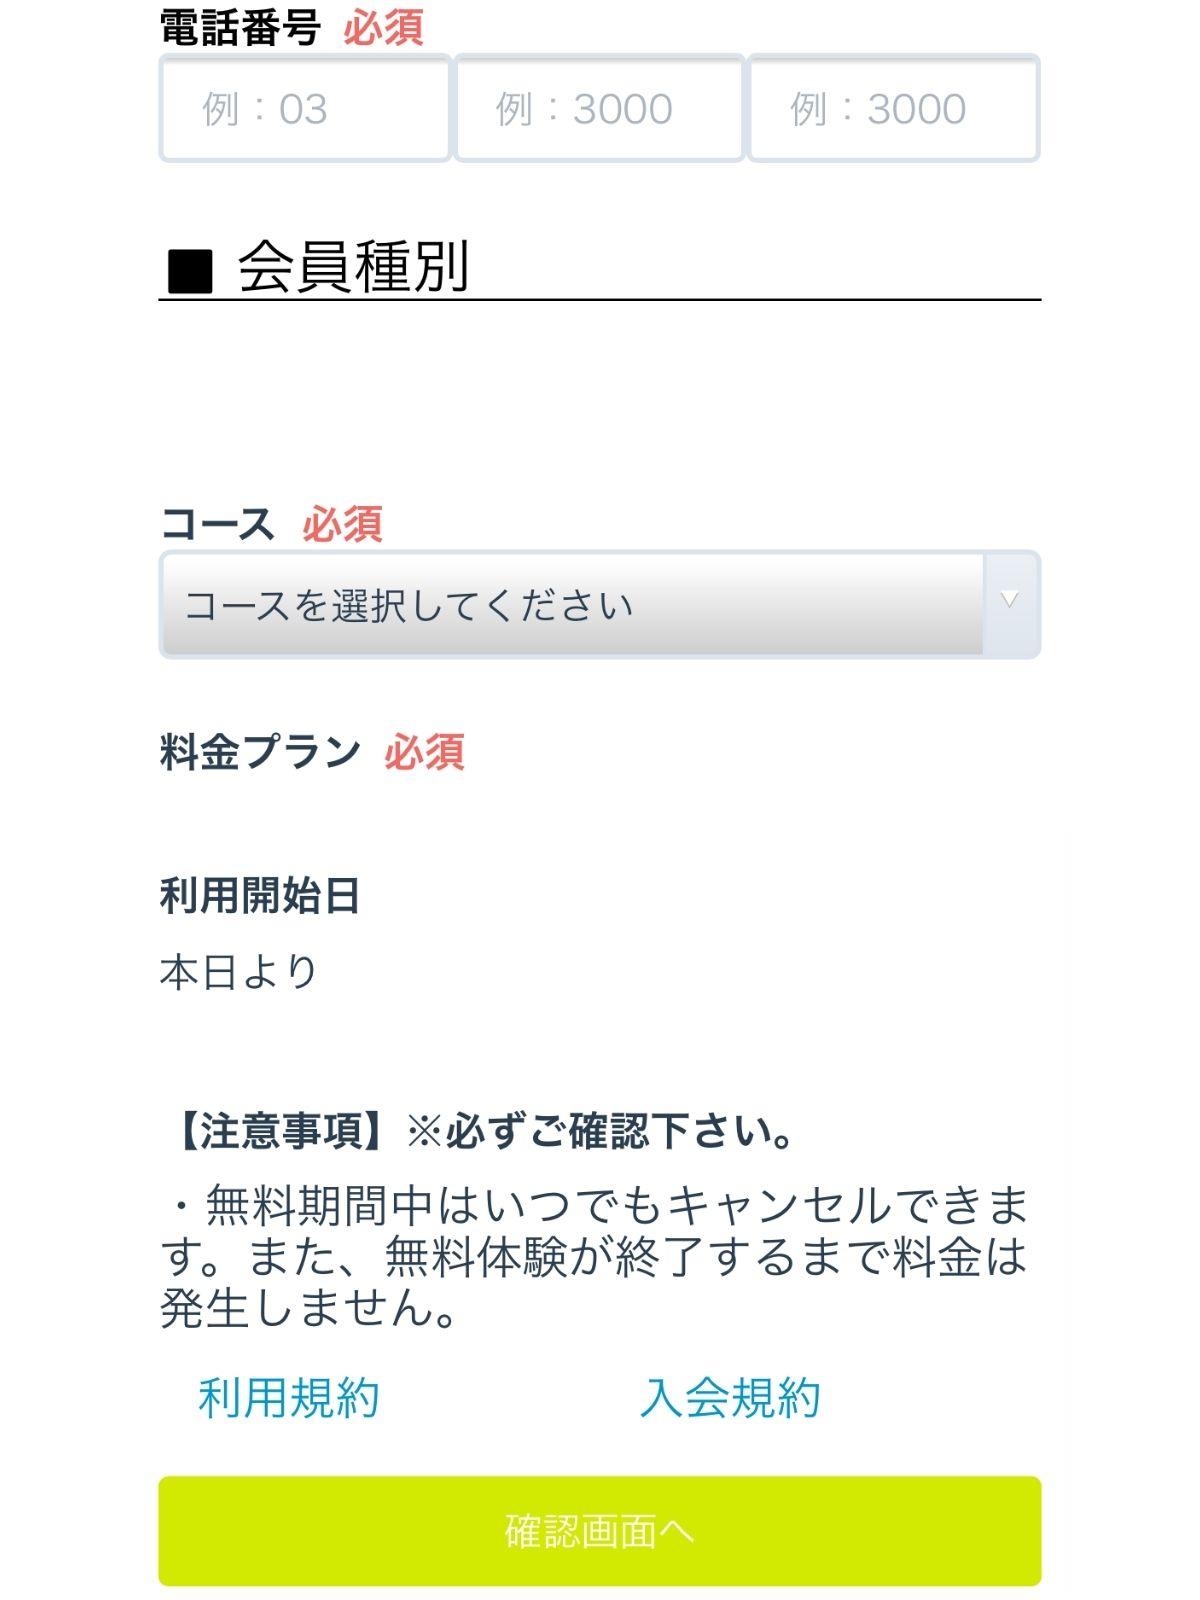 ZupのWEB入会手続き画面